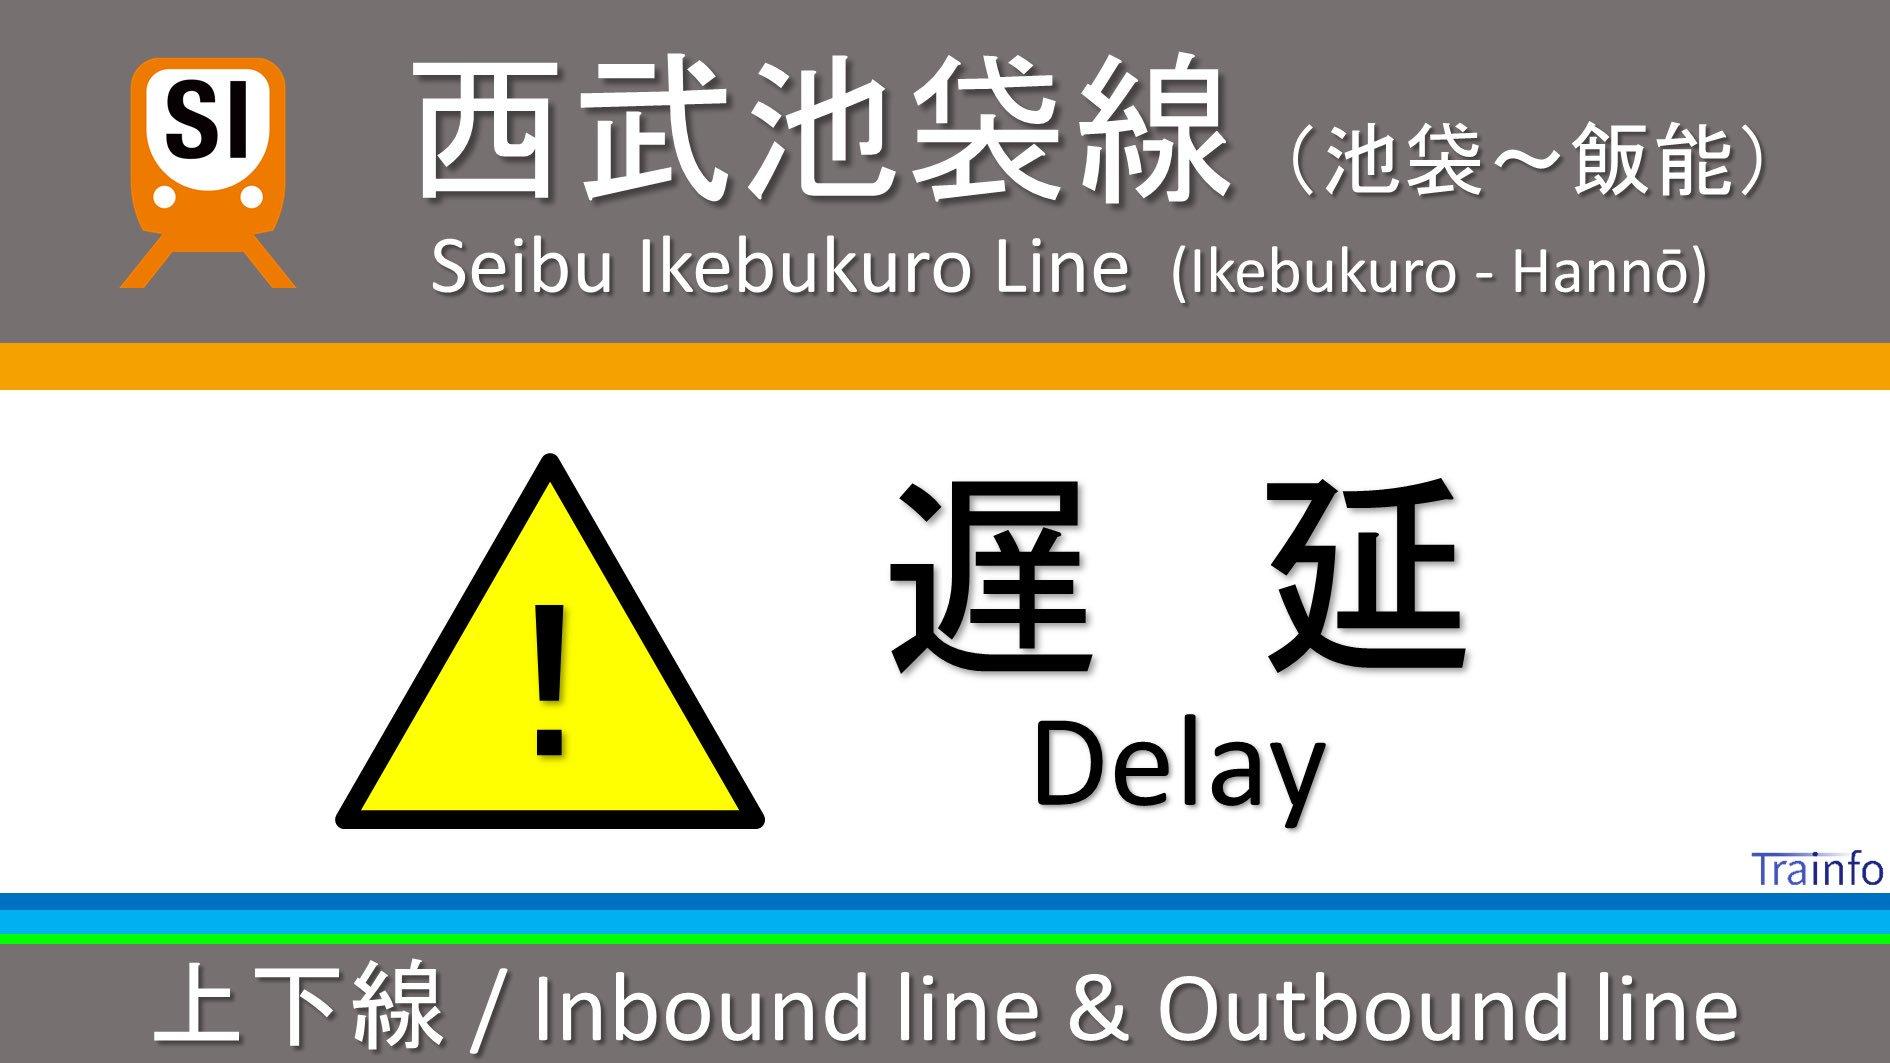 画像,【西武池袋線 上下線 遅延情報】池袋線は、所沢駅での乗務員トラブルの影響で、池袋〜飯能の上下線の一部列車に5分以上の遅れがでています。 https://t.co…